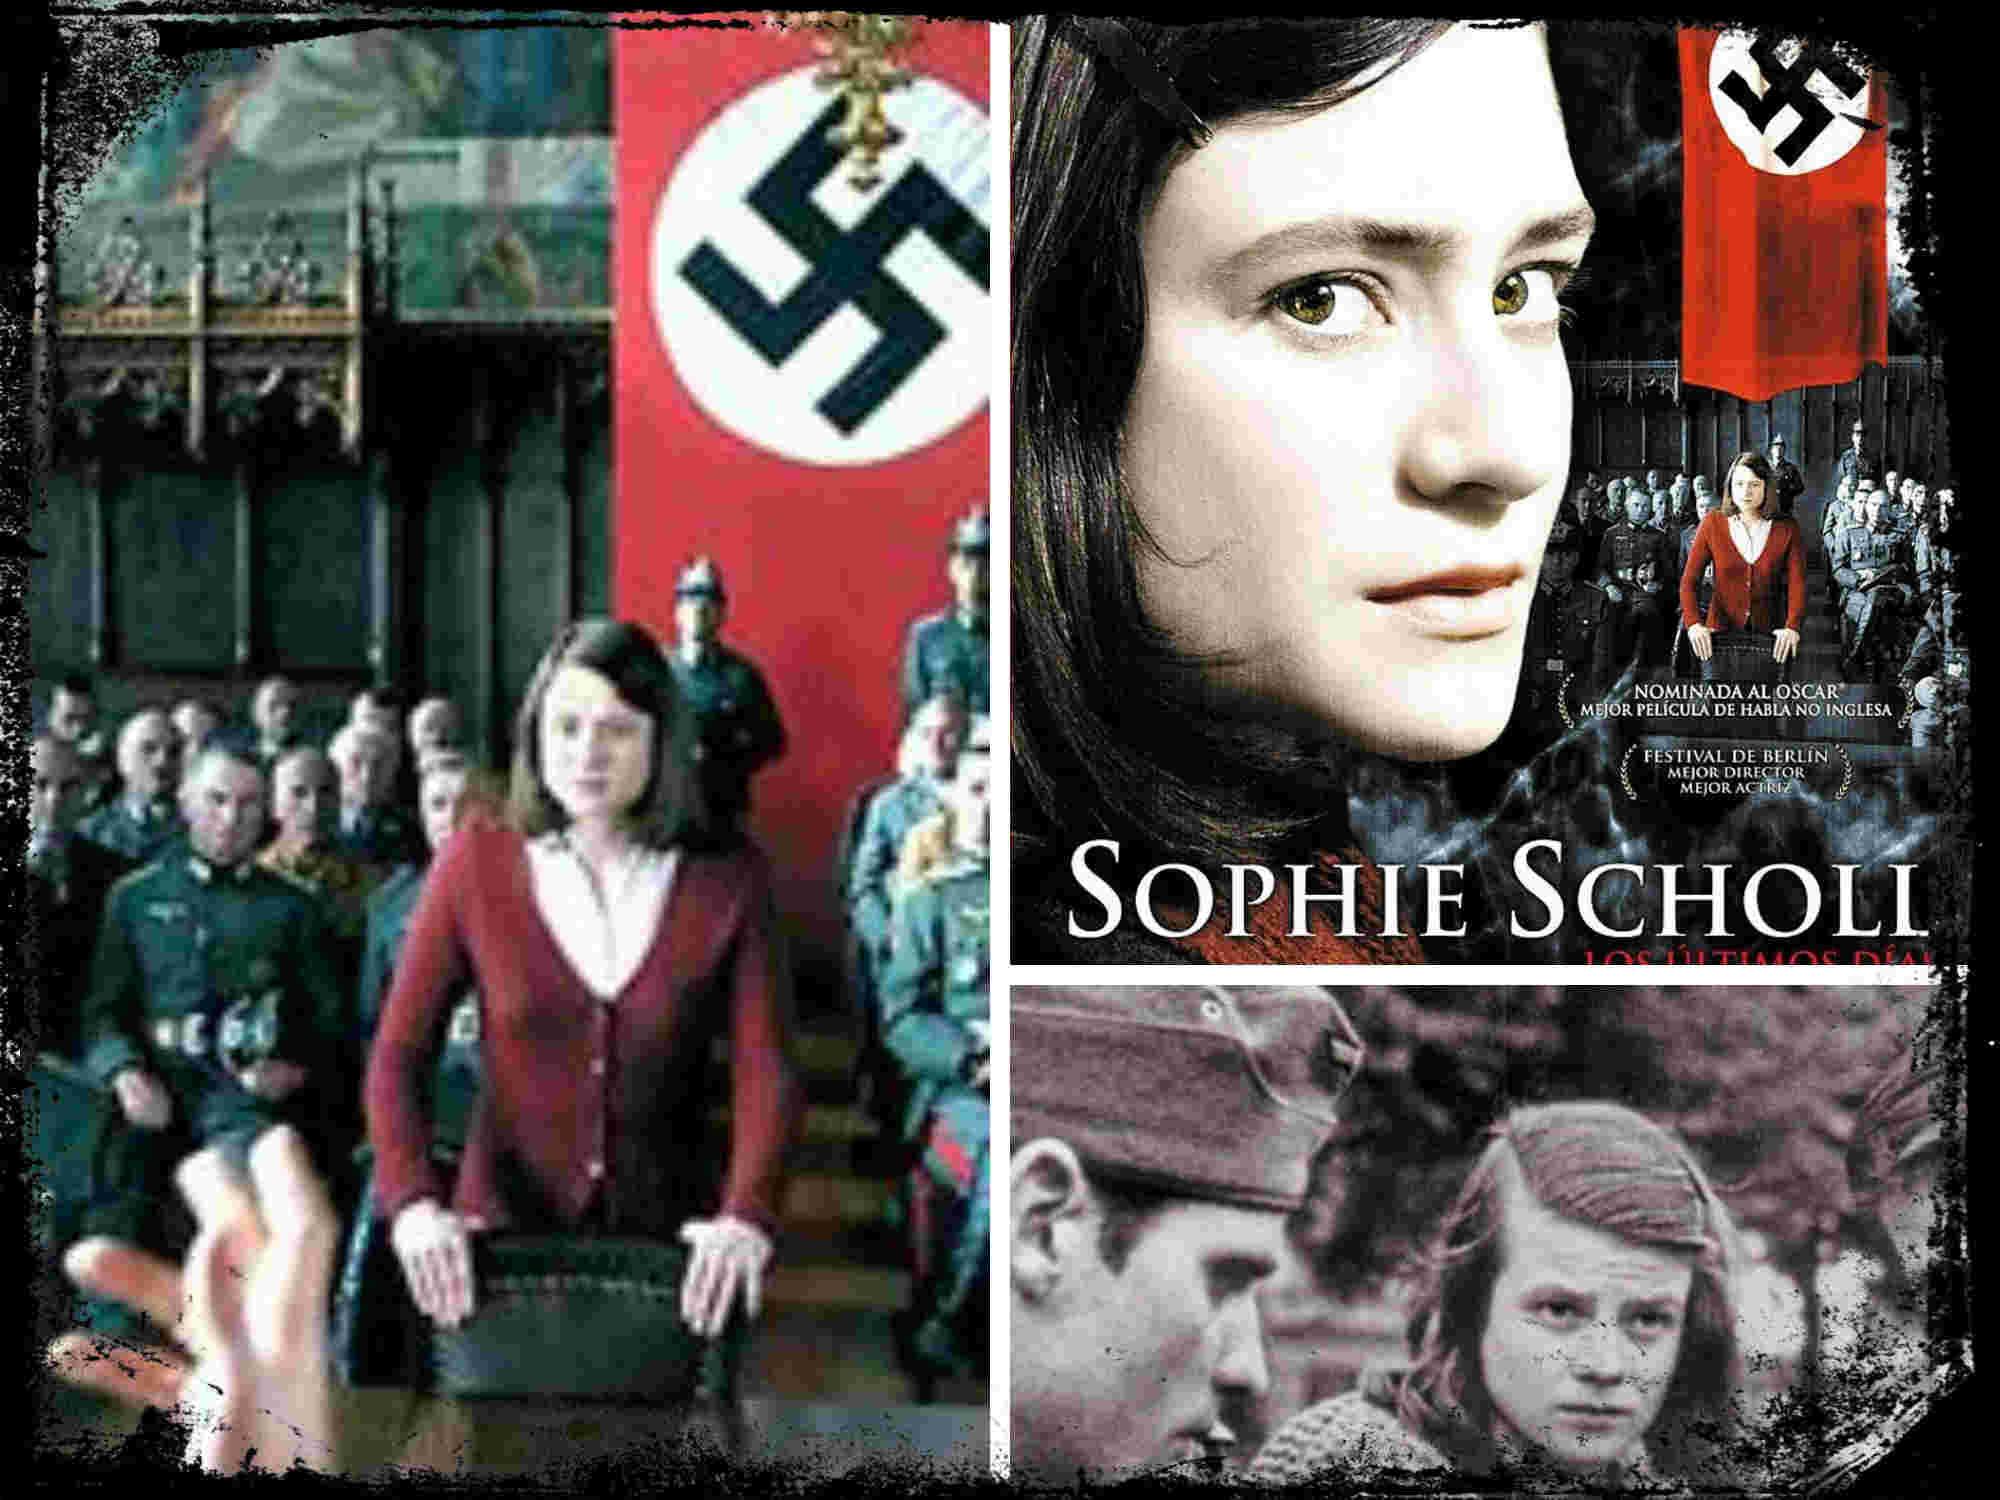 Sophie Scholl y la resistencia anti-nazi en Alemania